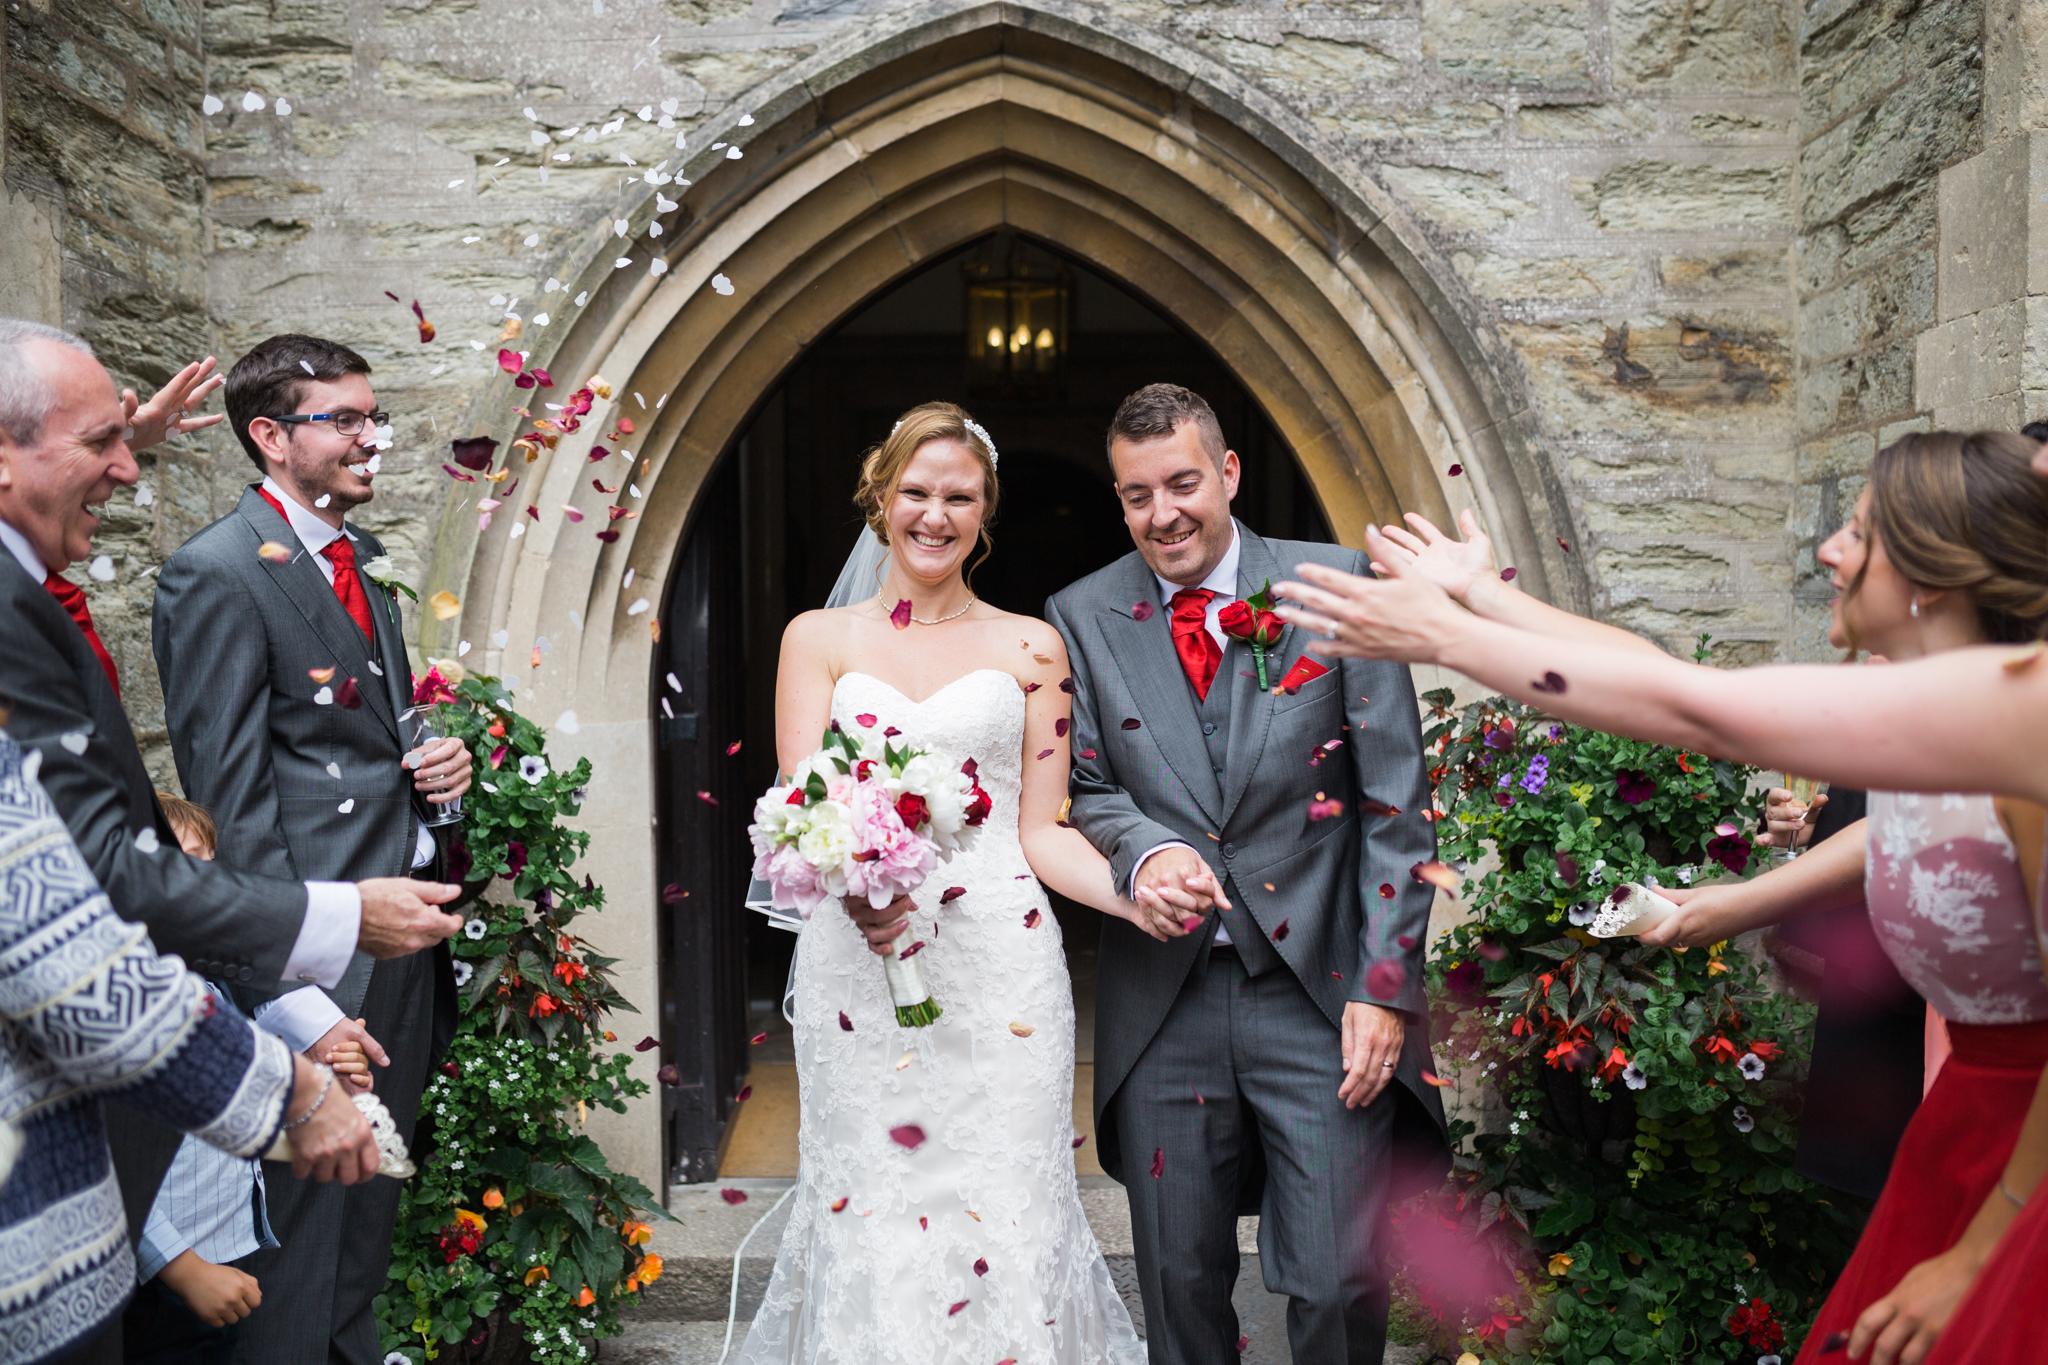 Simon_Rawling_Wedding_Photography-157.jpg